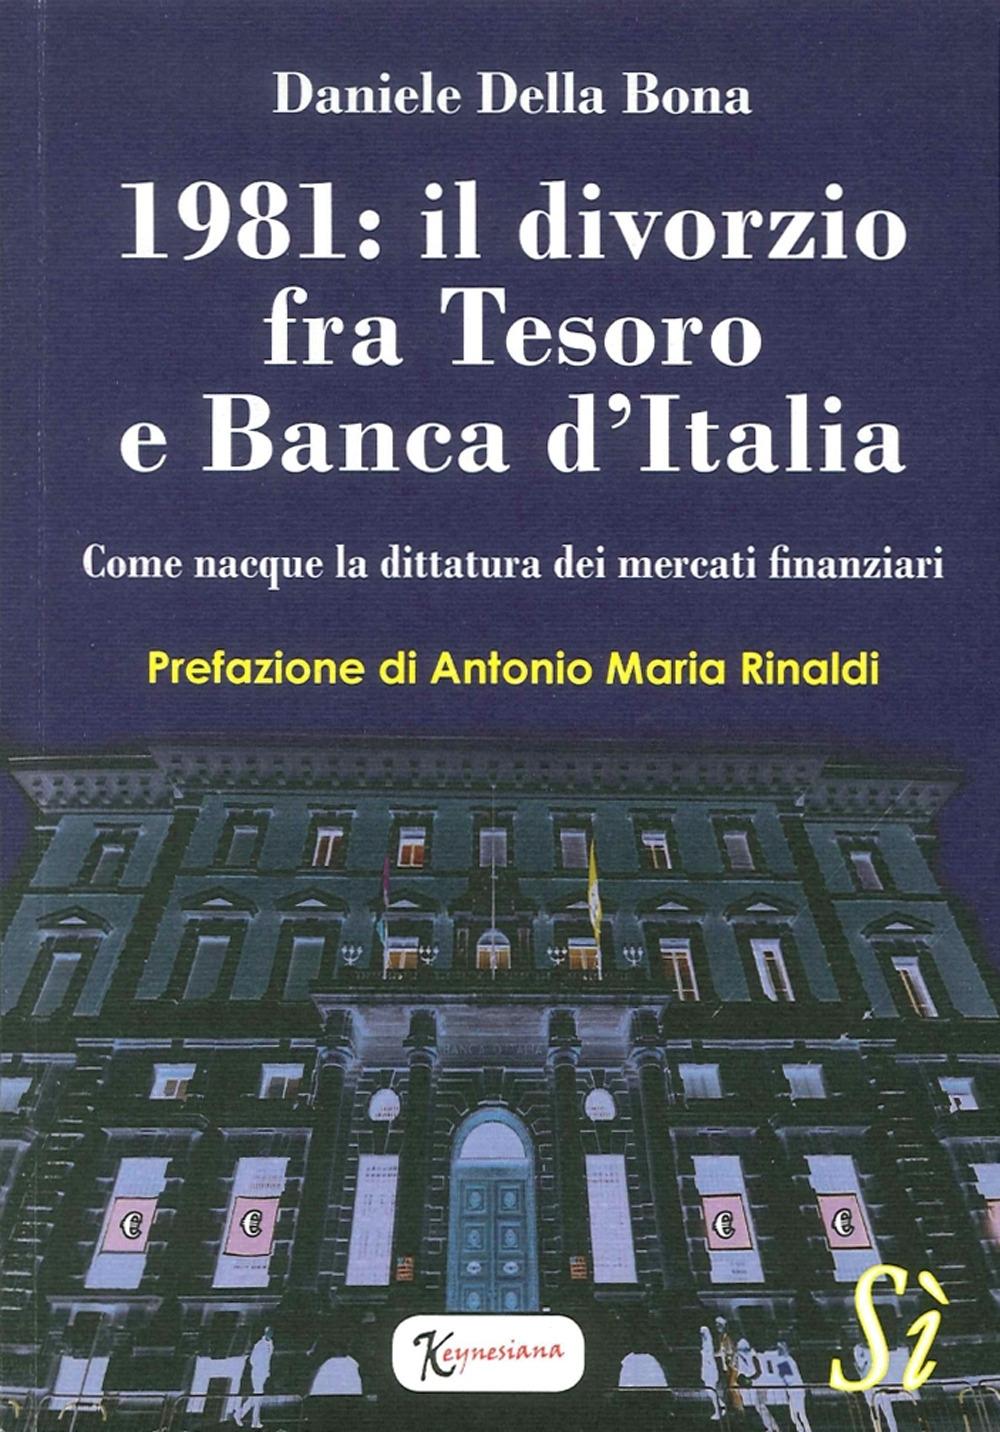 1981: il Divorzio fra Tesoro e Banca d'Italia. Come Nasque la Dittatura dei Mercati Finanziari.